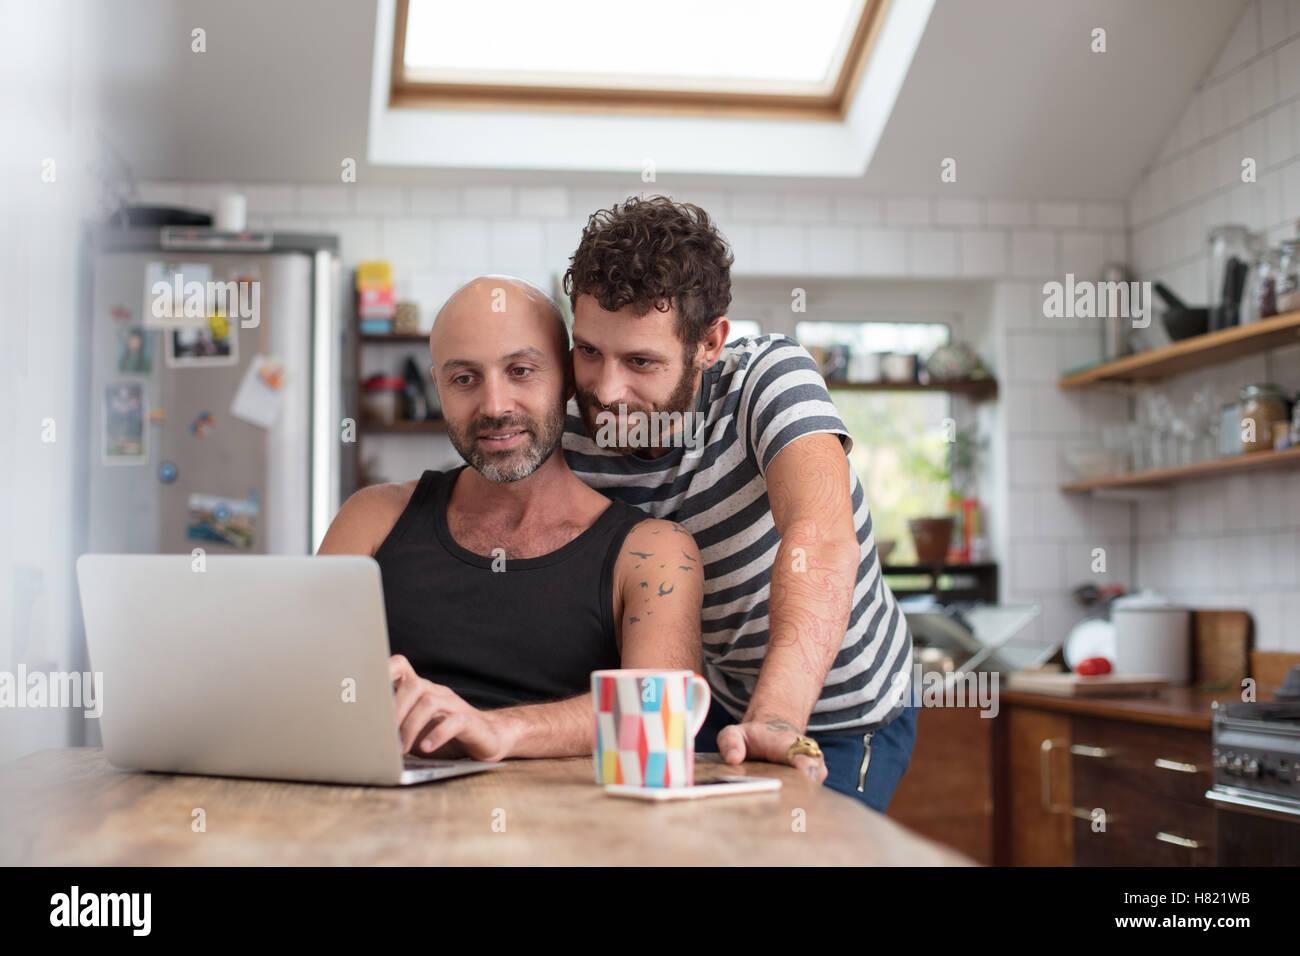 Gay paar mit Laptop in der Küche Stockbild